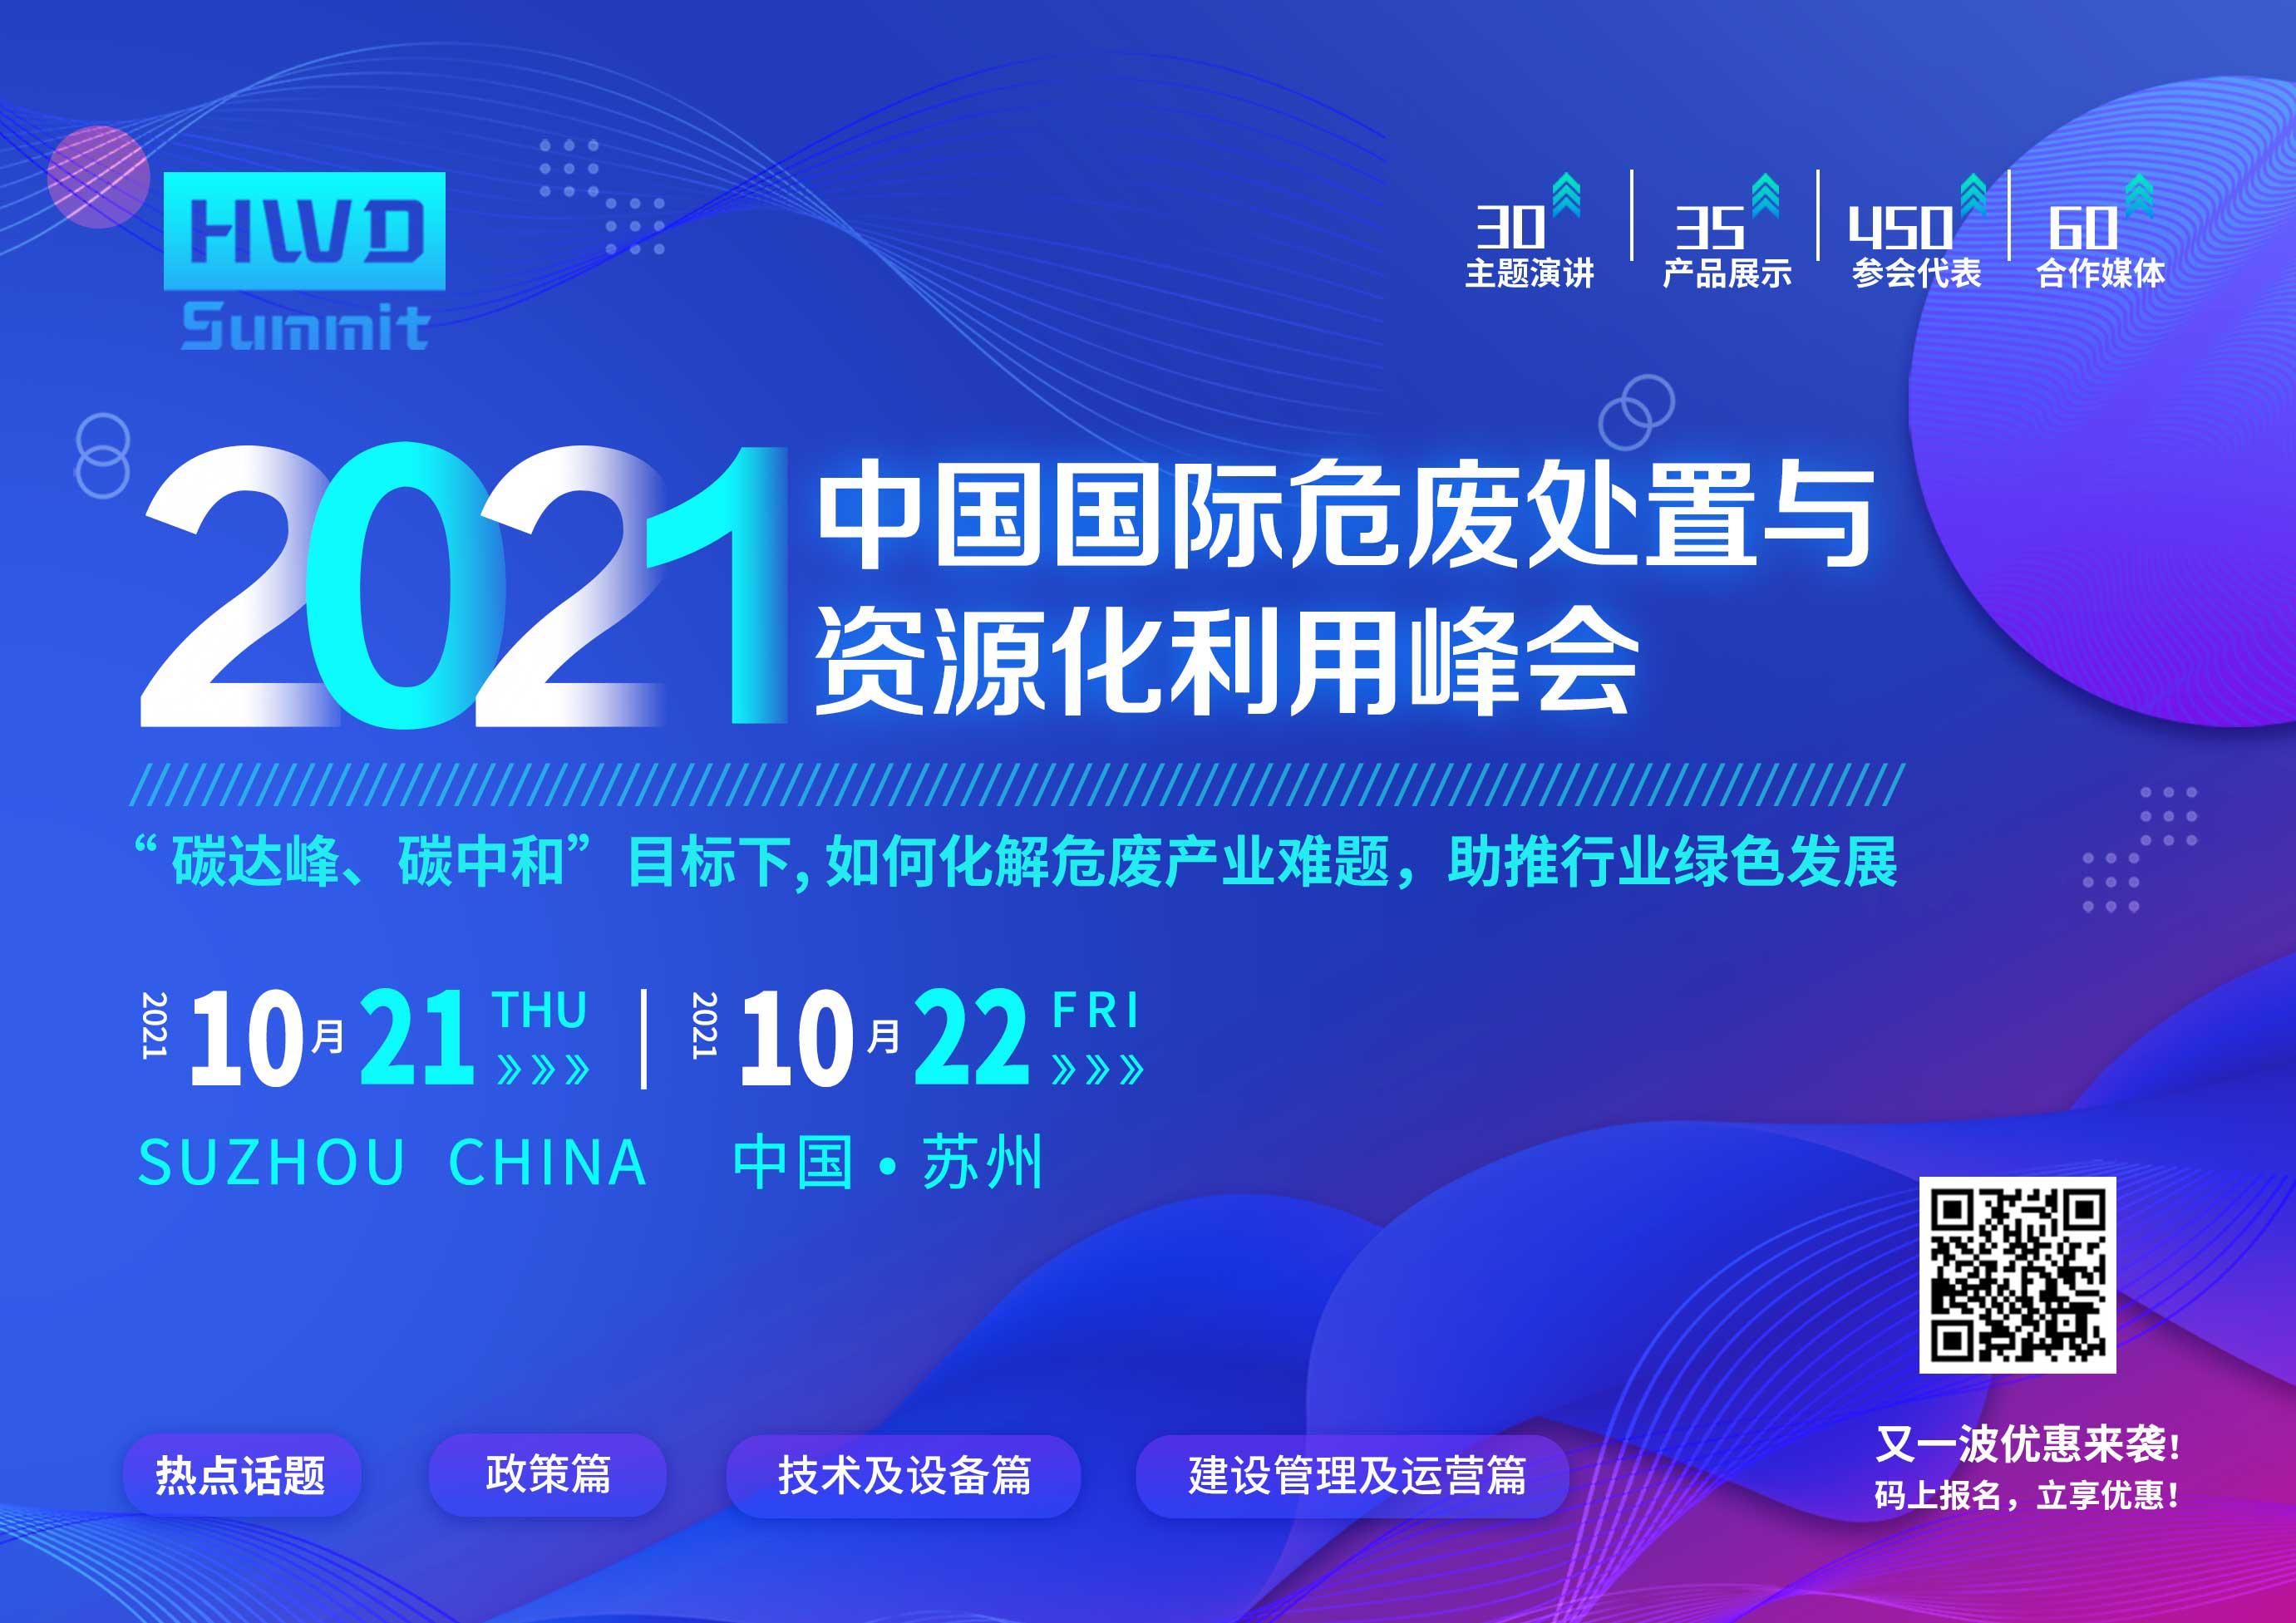 2021中国国际危废处置与资源化利用峰会将于10月21-22日召开